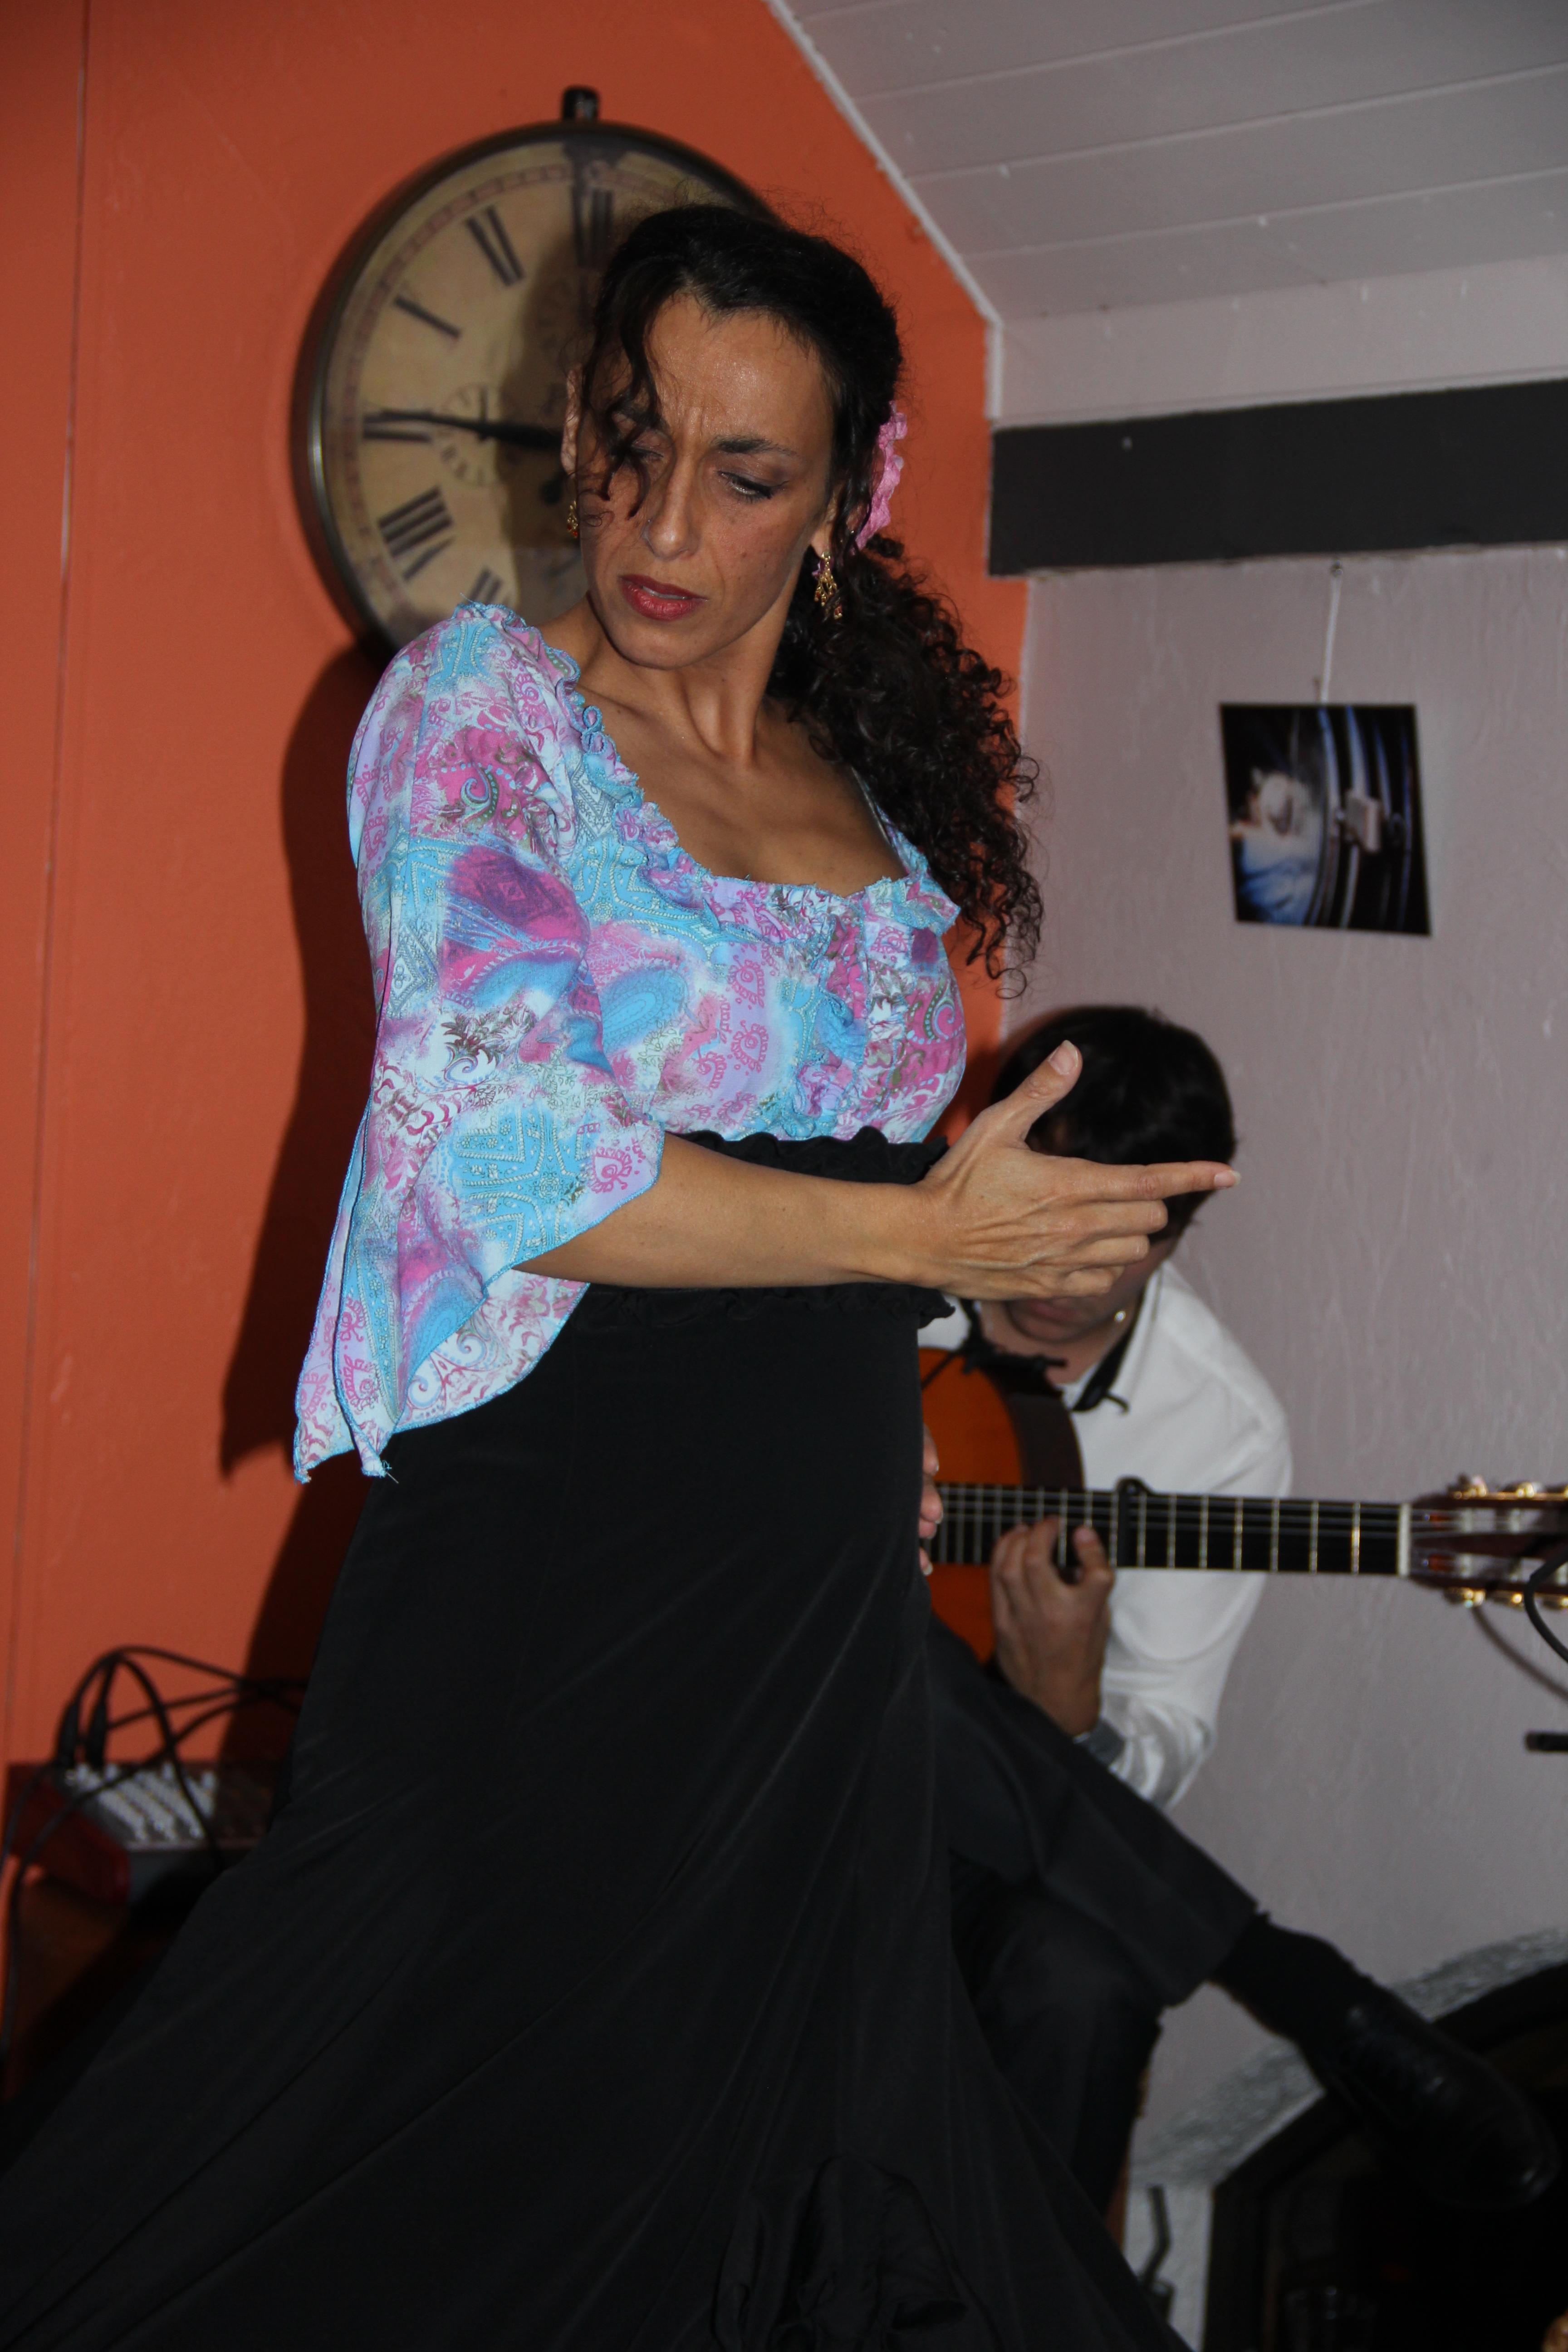 Seynod flamenco